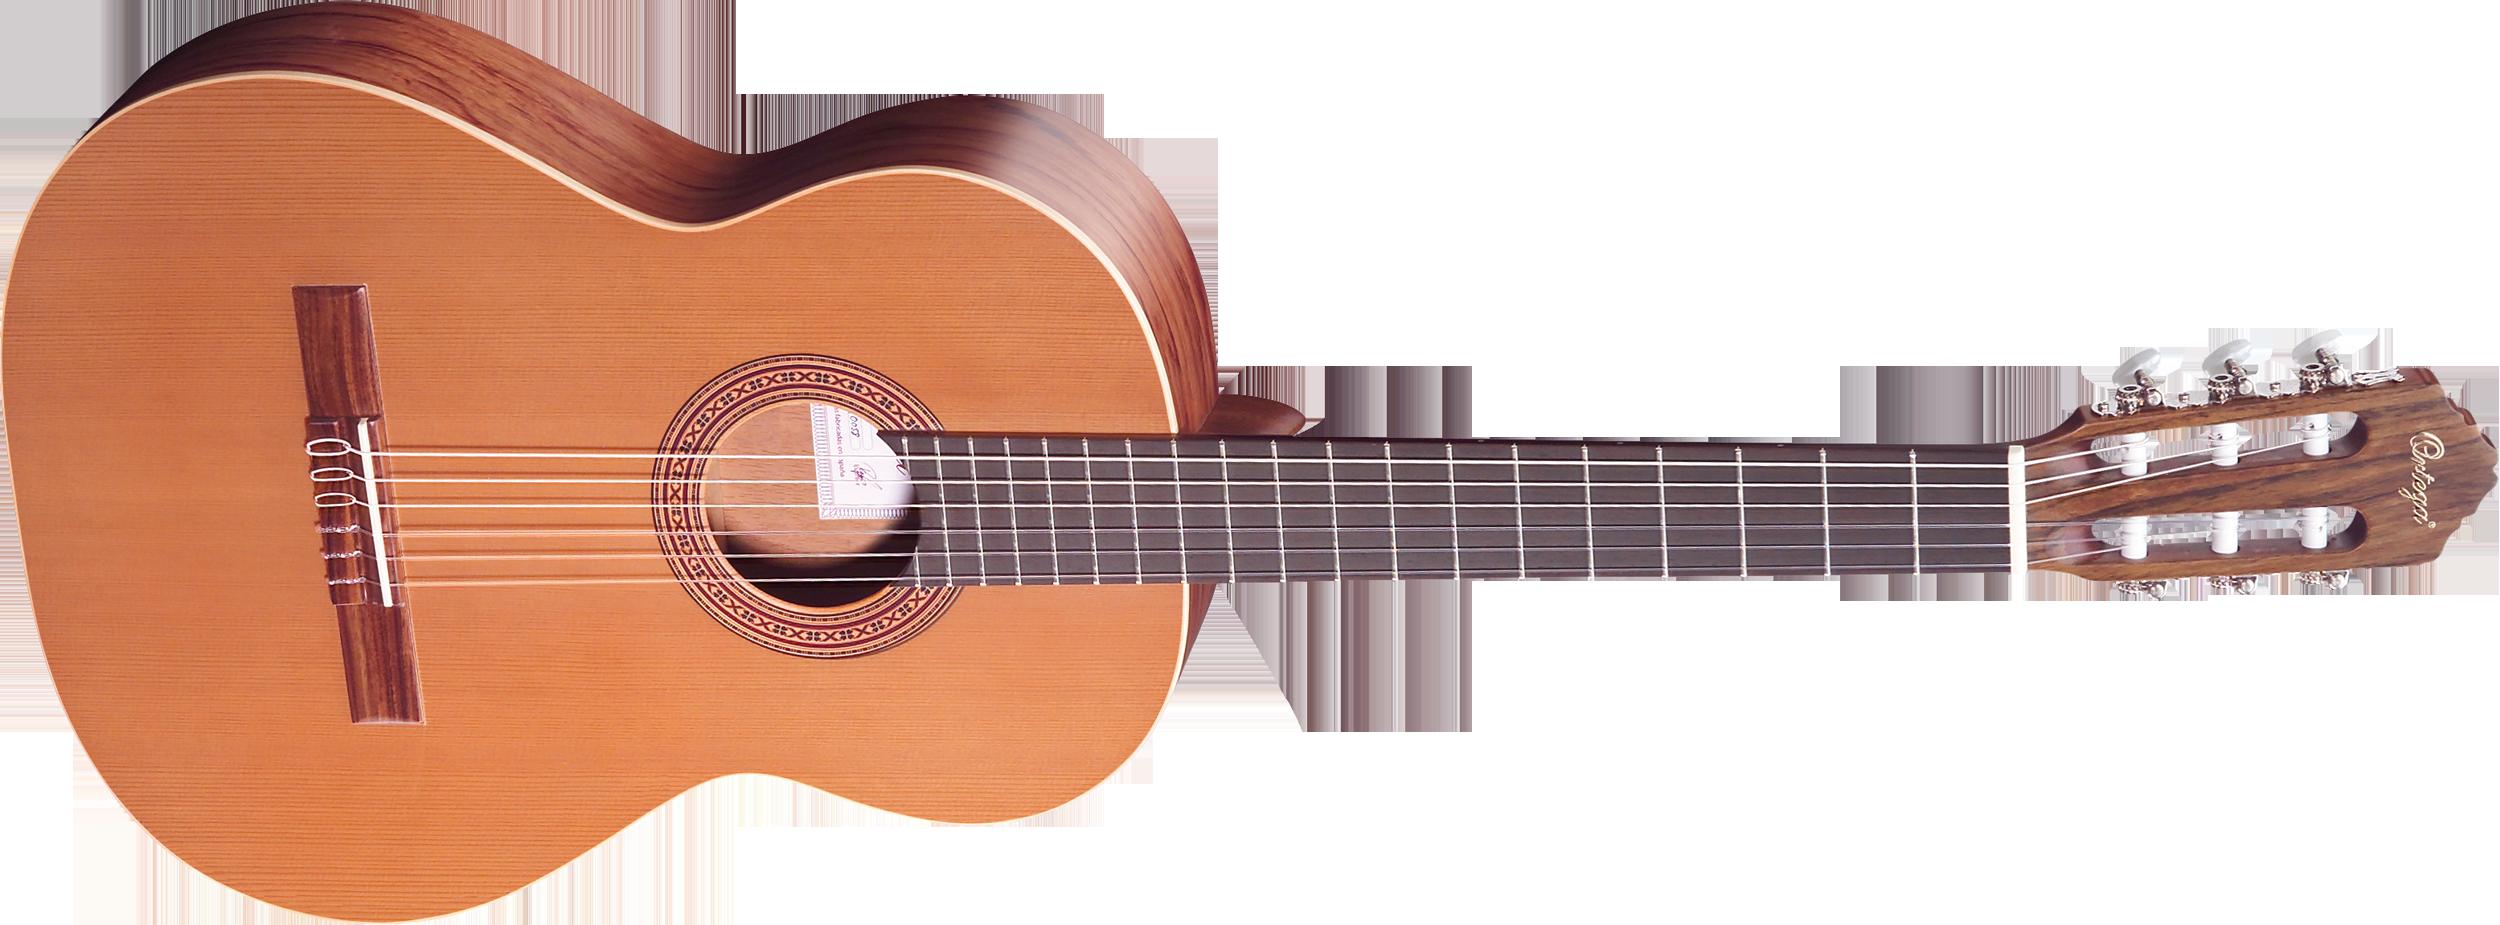 Guitar PNG image - Guitar HD PNG